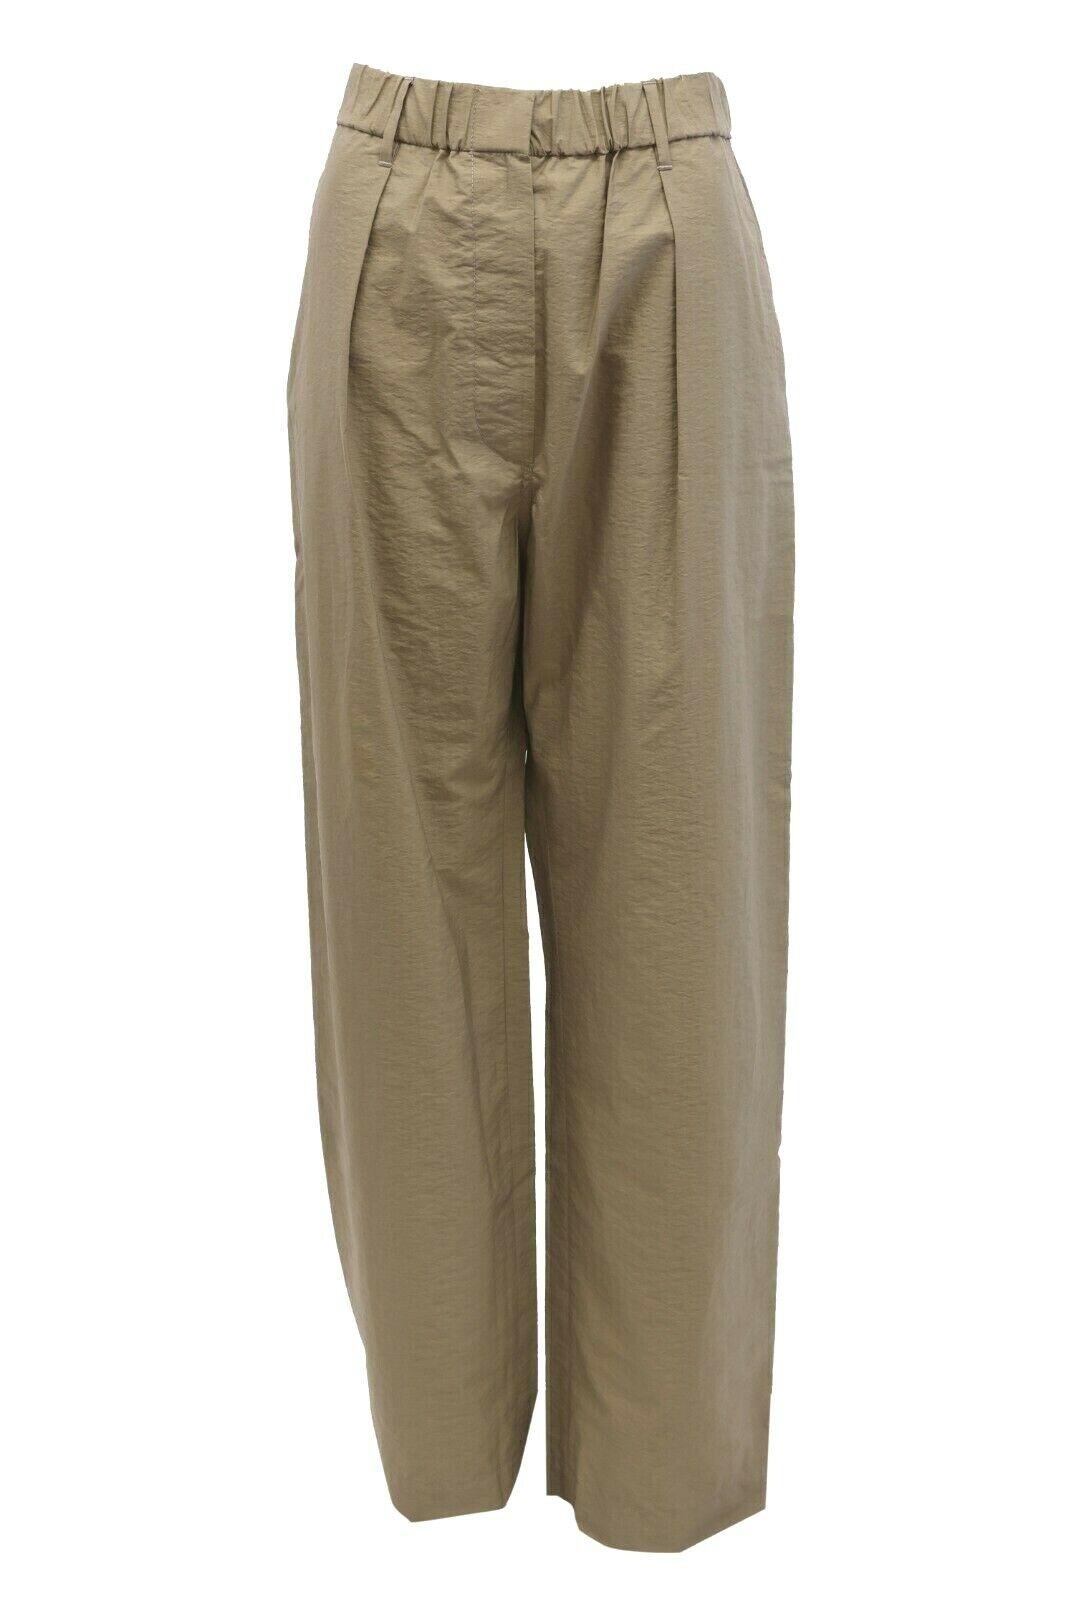 NWT 1225 Brunello Cucinelli damen Lightweight Cotton Wide-Leg Khakis42 6US A186